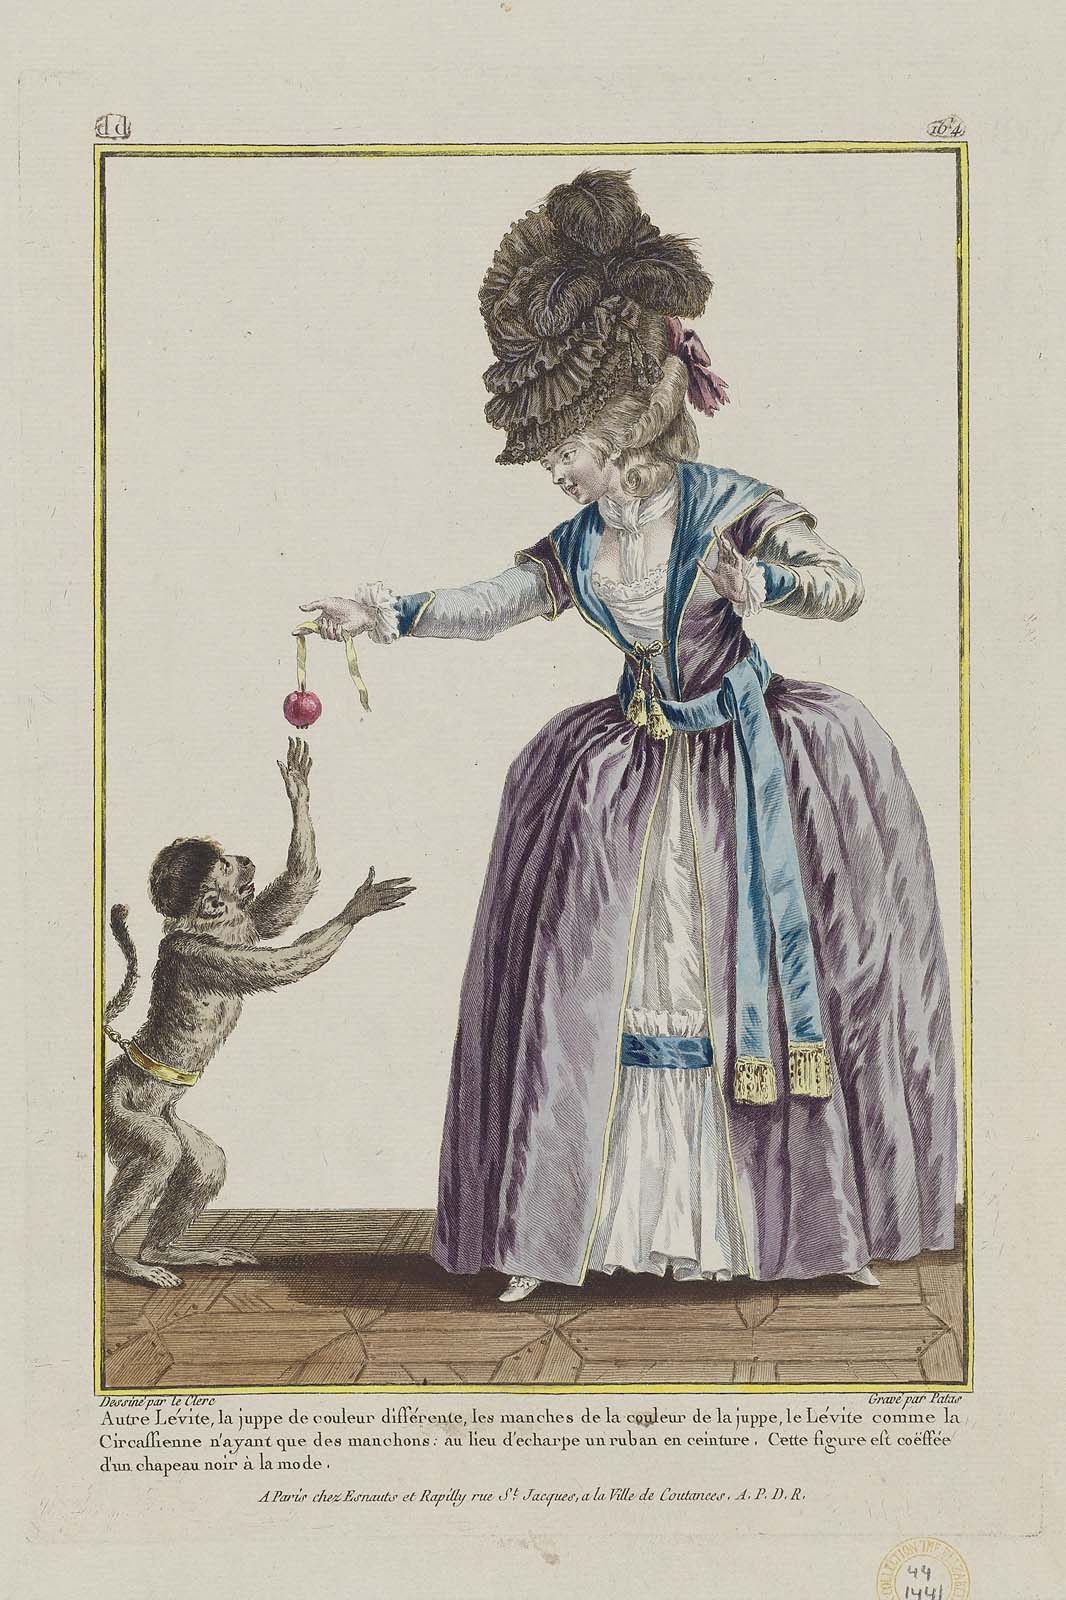 Billedresultat for 18th century levite gown